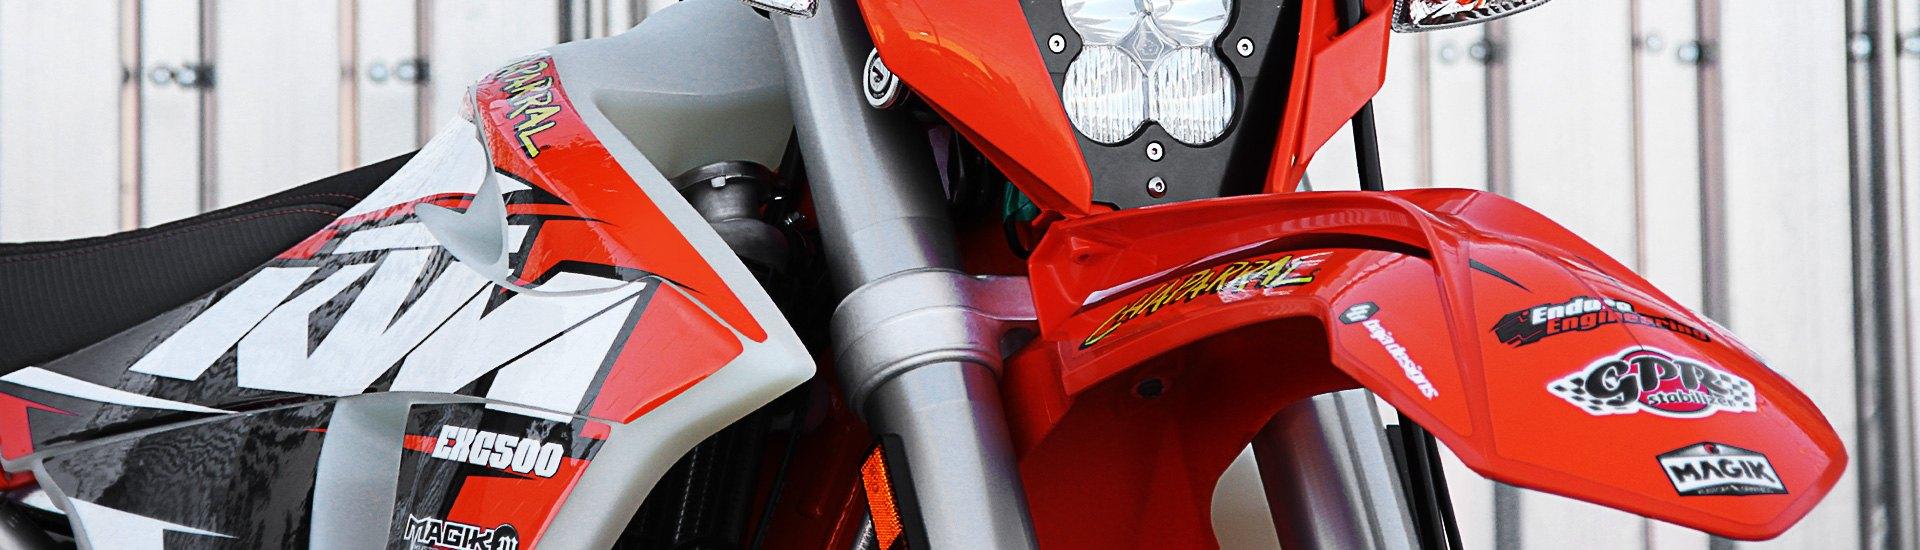 Motorcycle Graphics & Decals